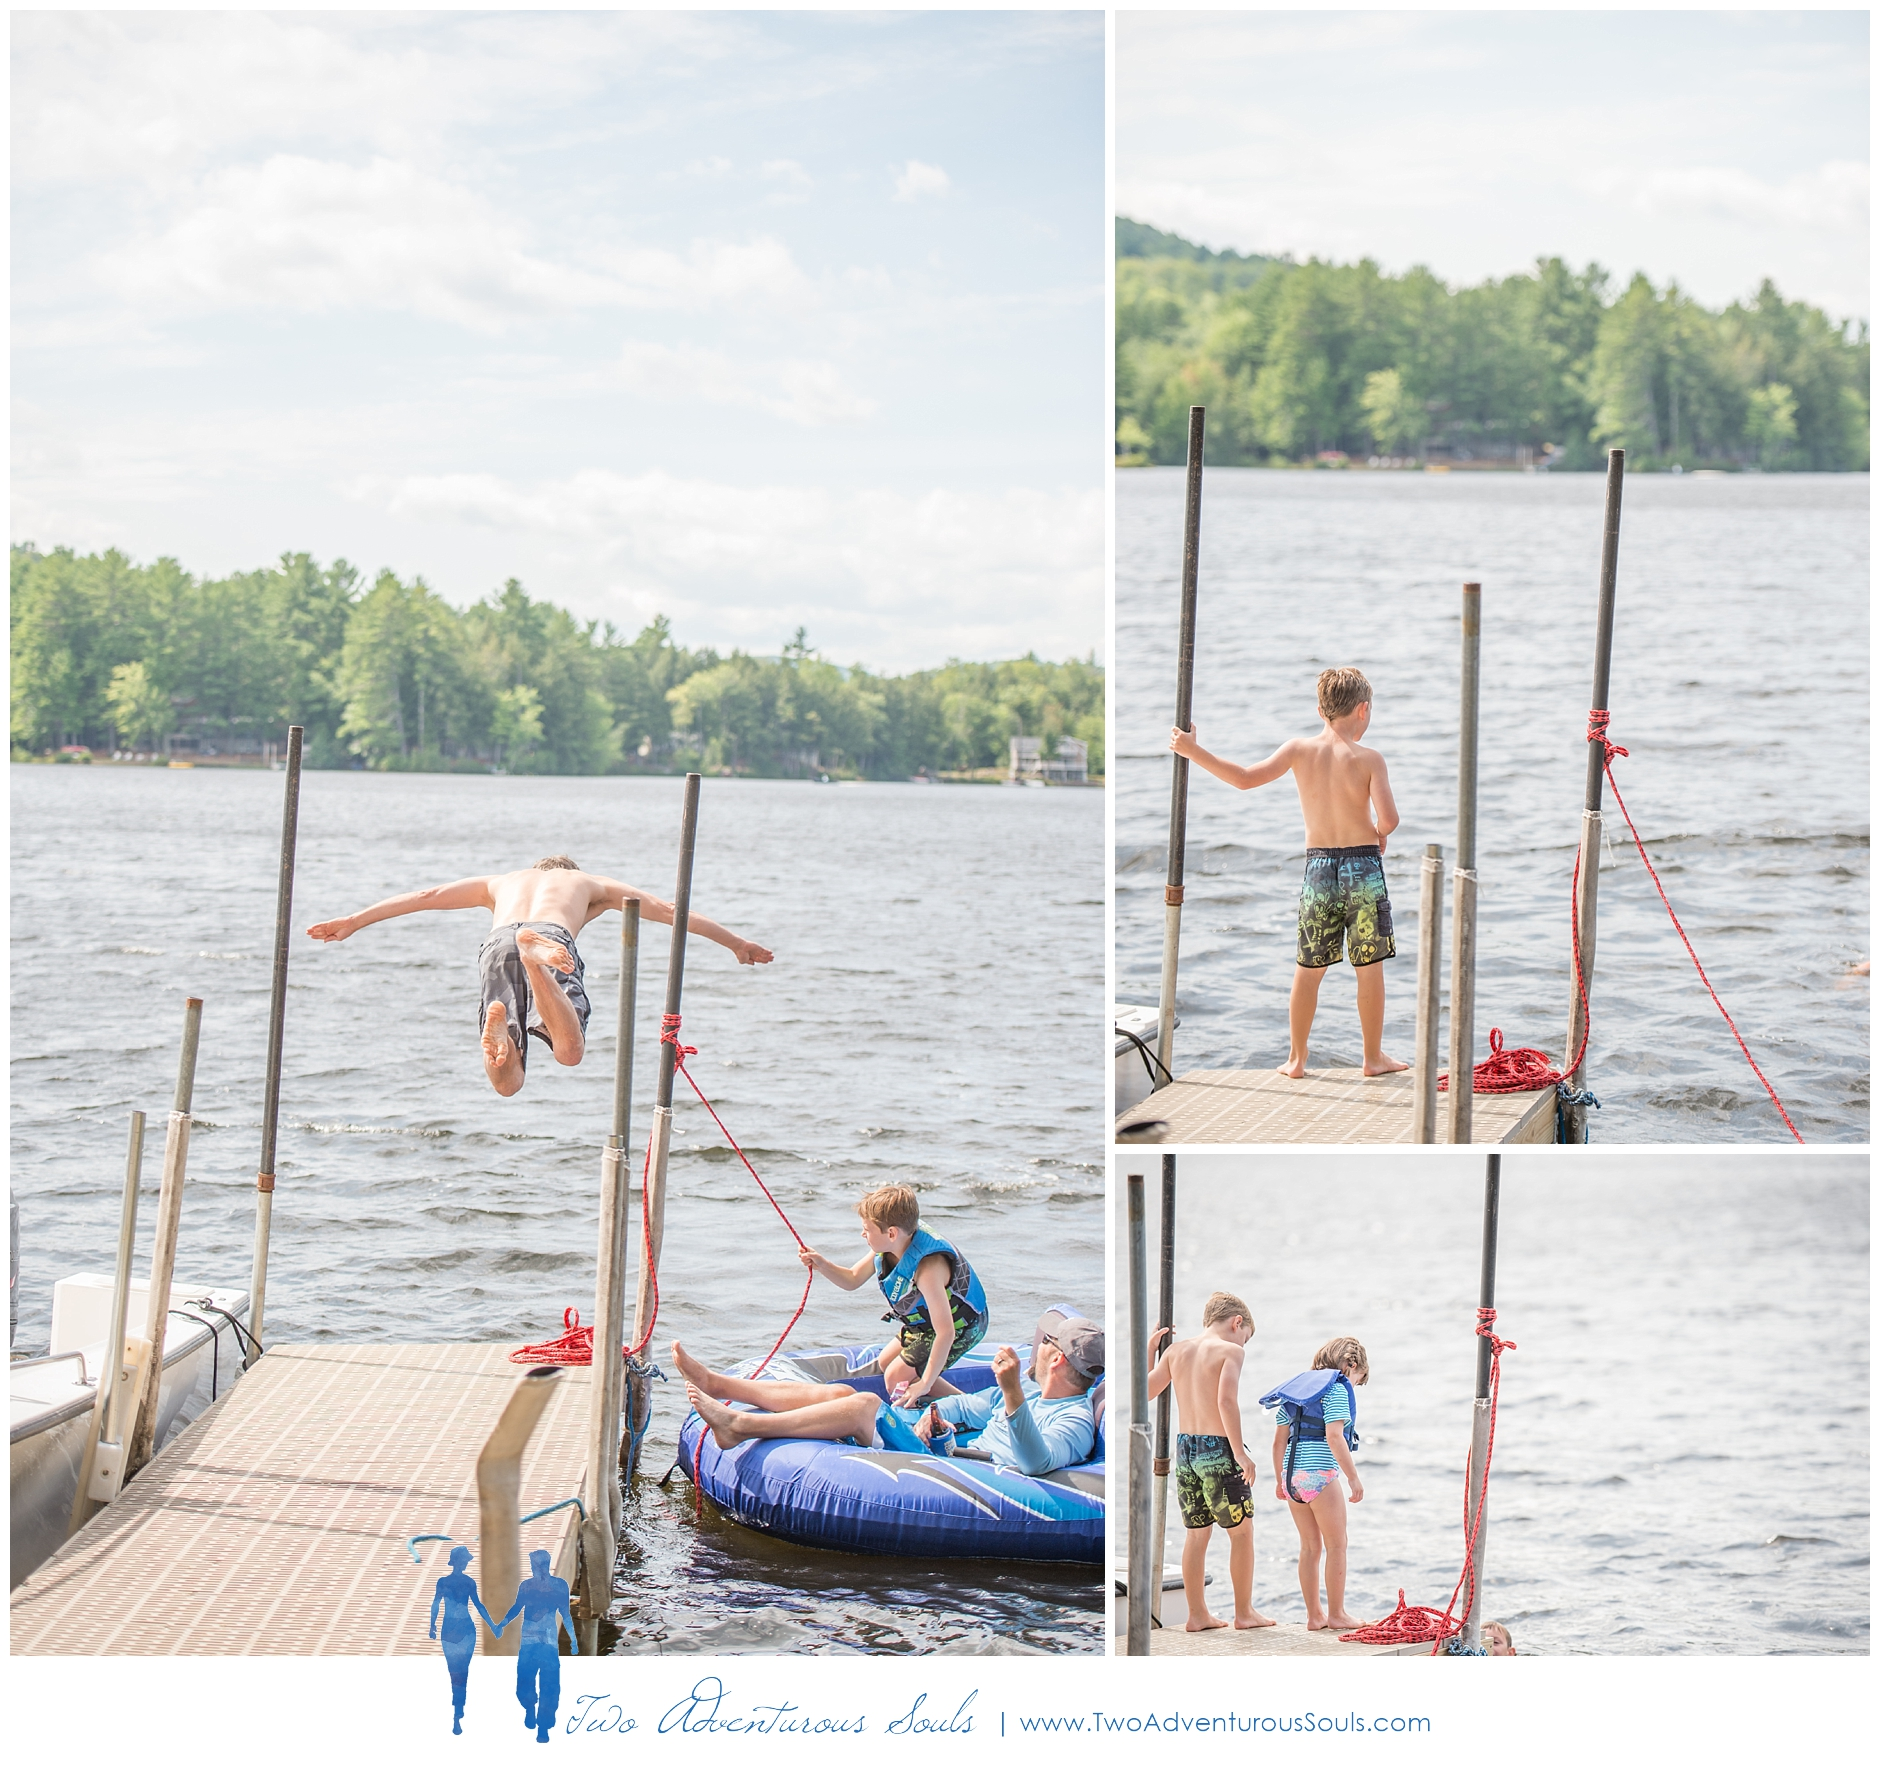 Maine Vacation Family Portraits, Lake Family Photos -